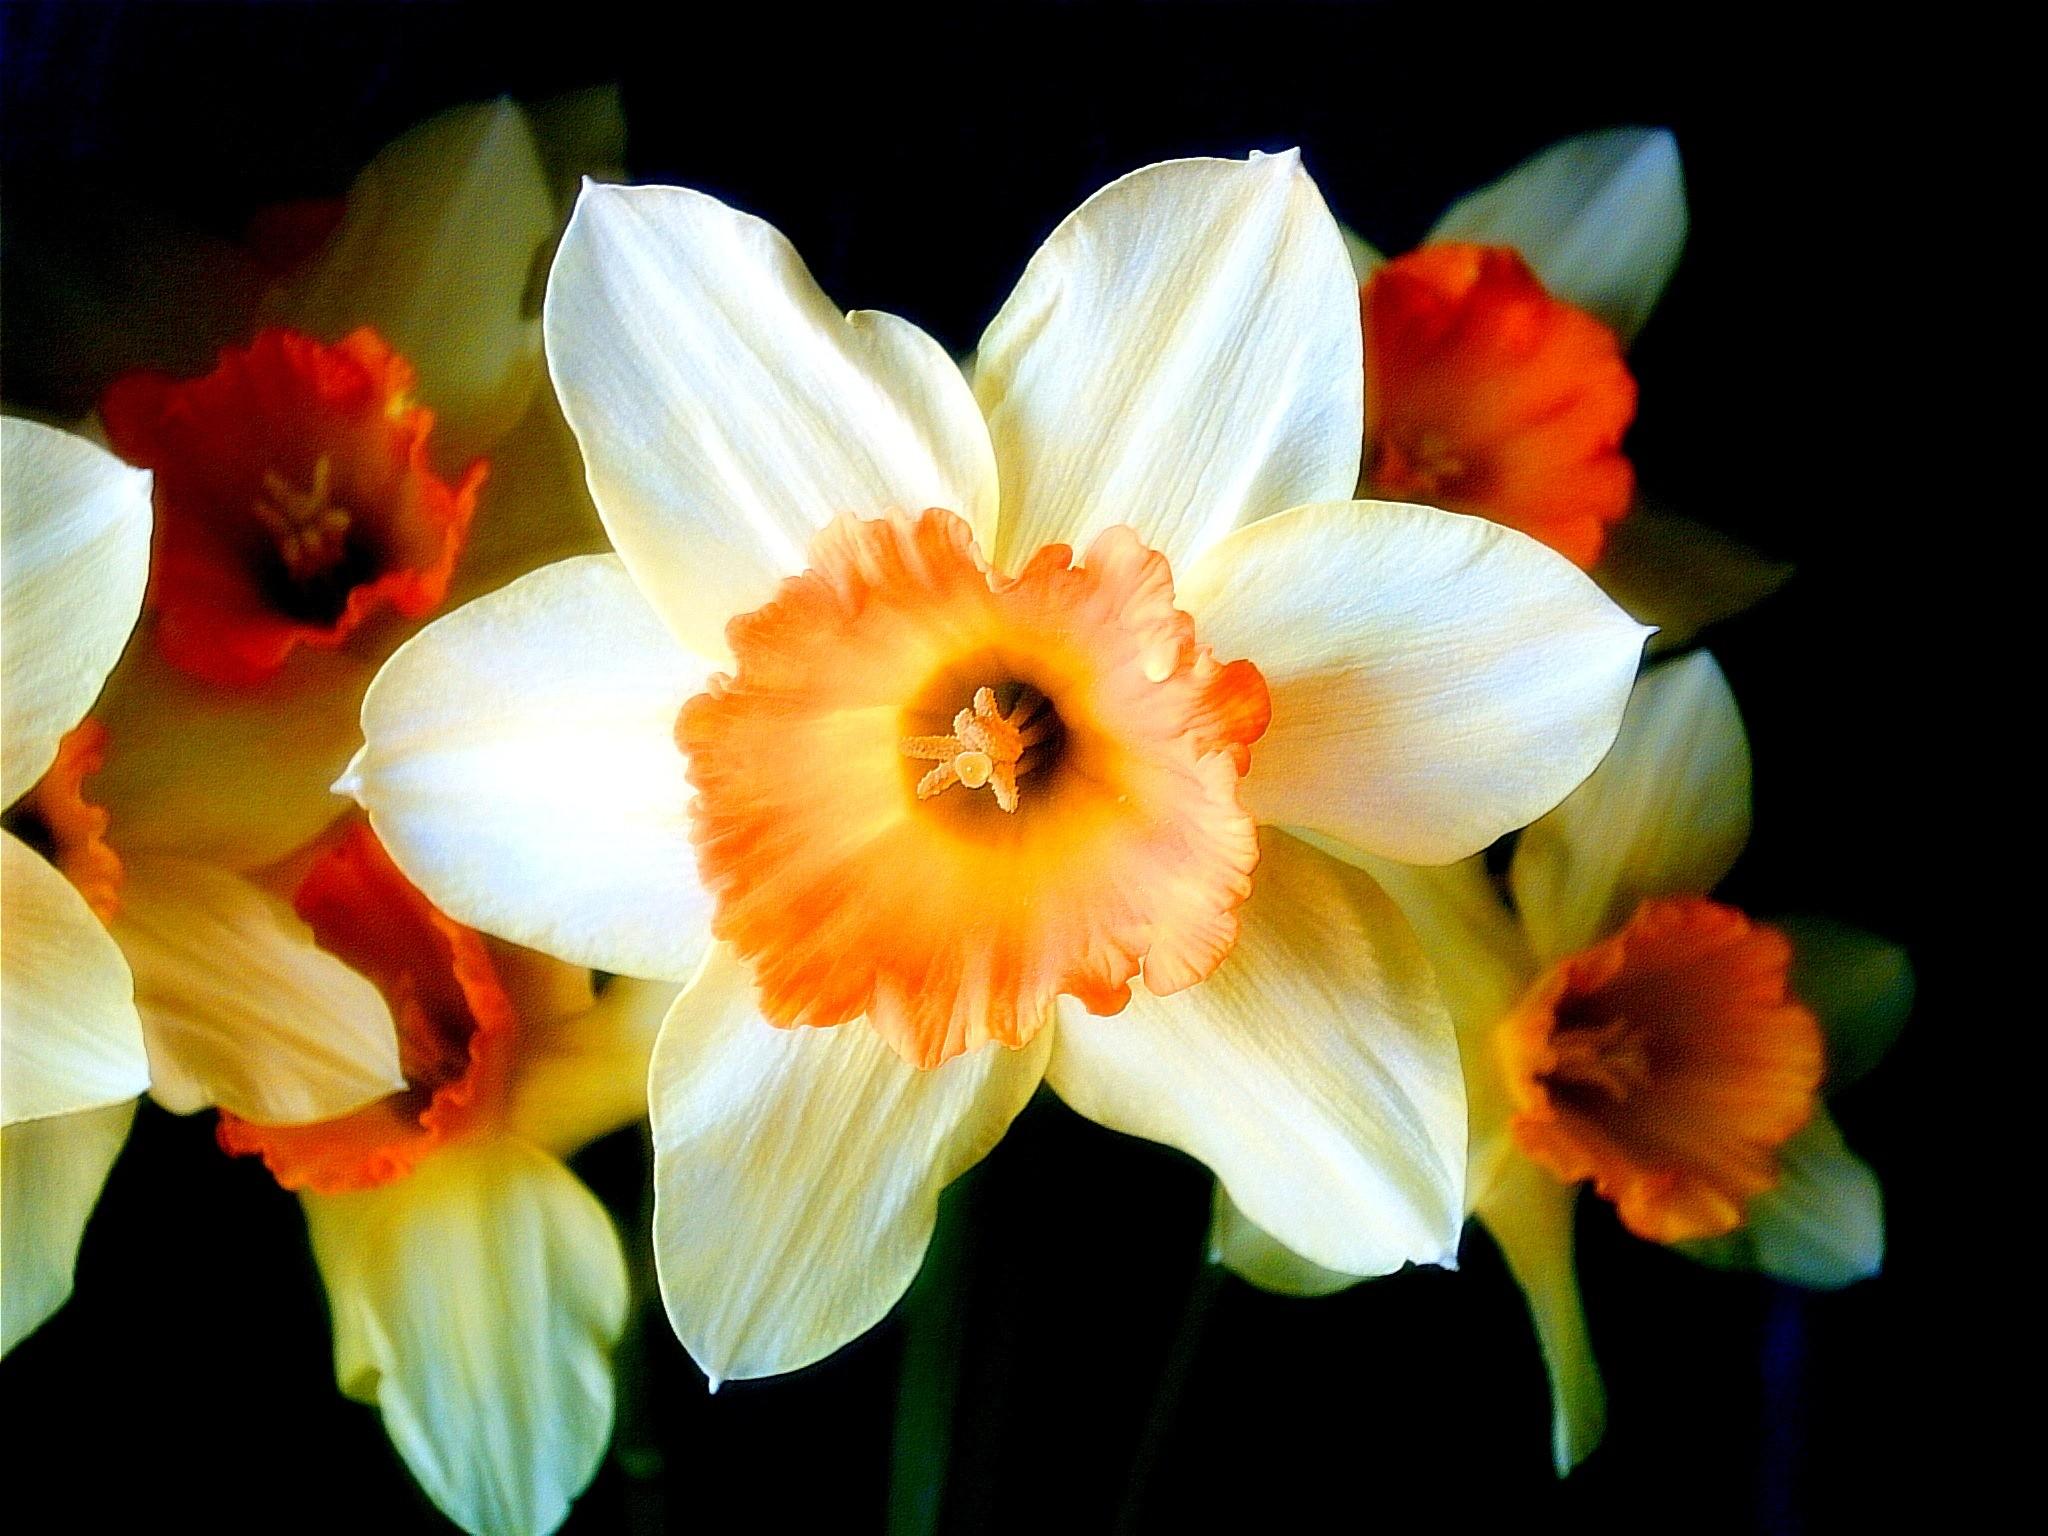 Нарцис обои (картинки, фото), нарцисс ...: wallspaper.ru/oboi/flowers/490-narcis.html